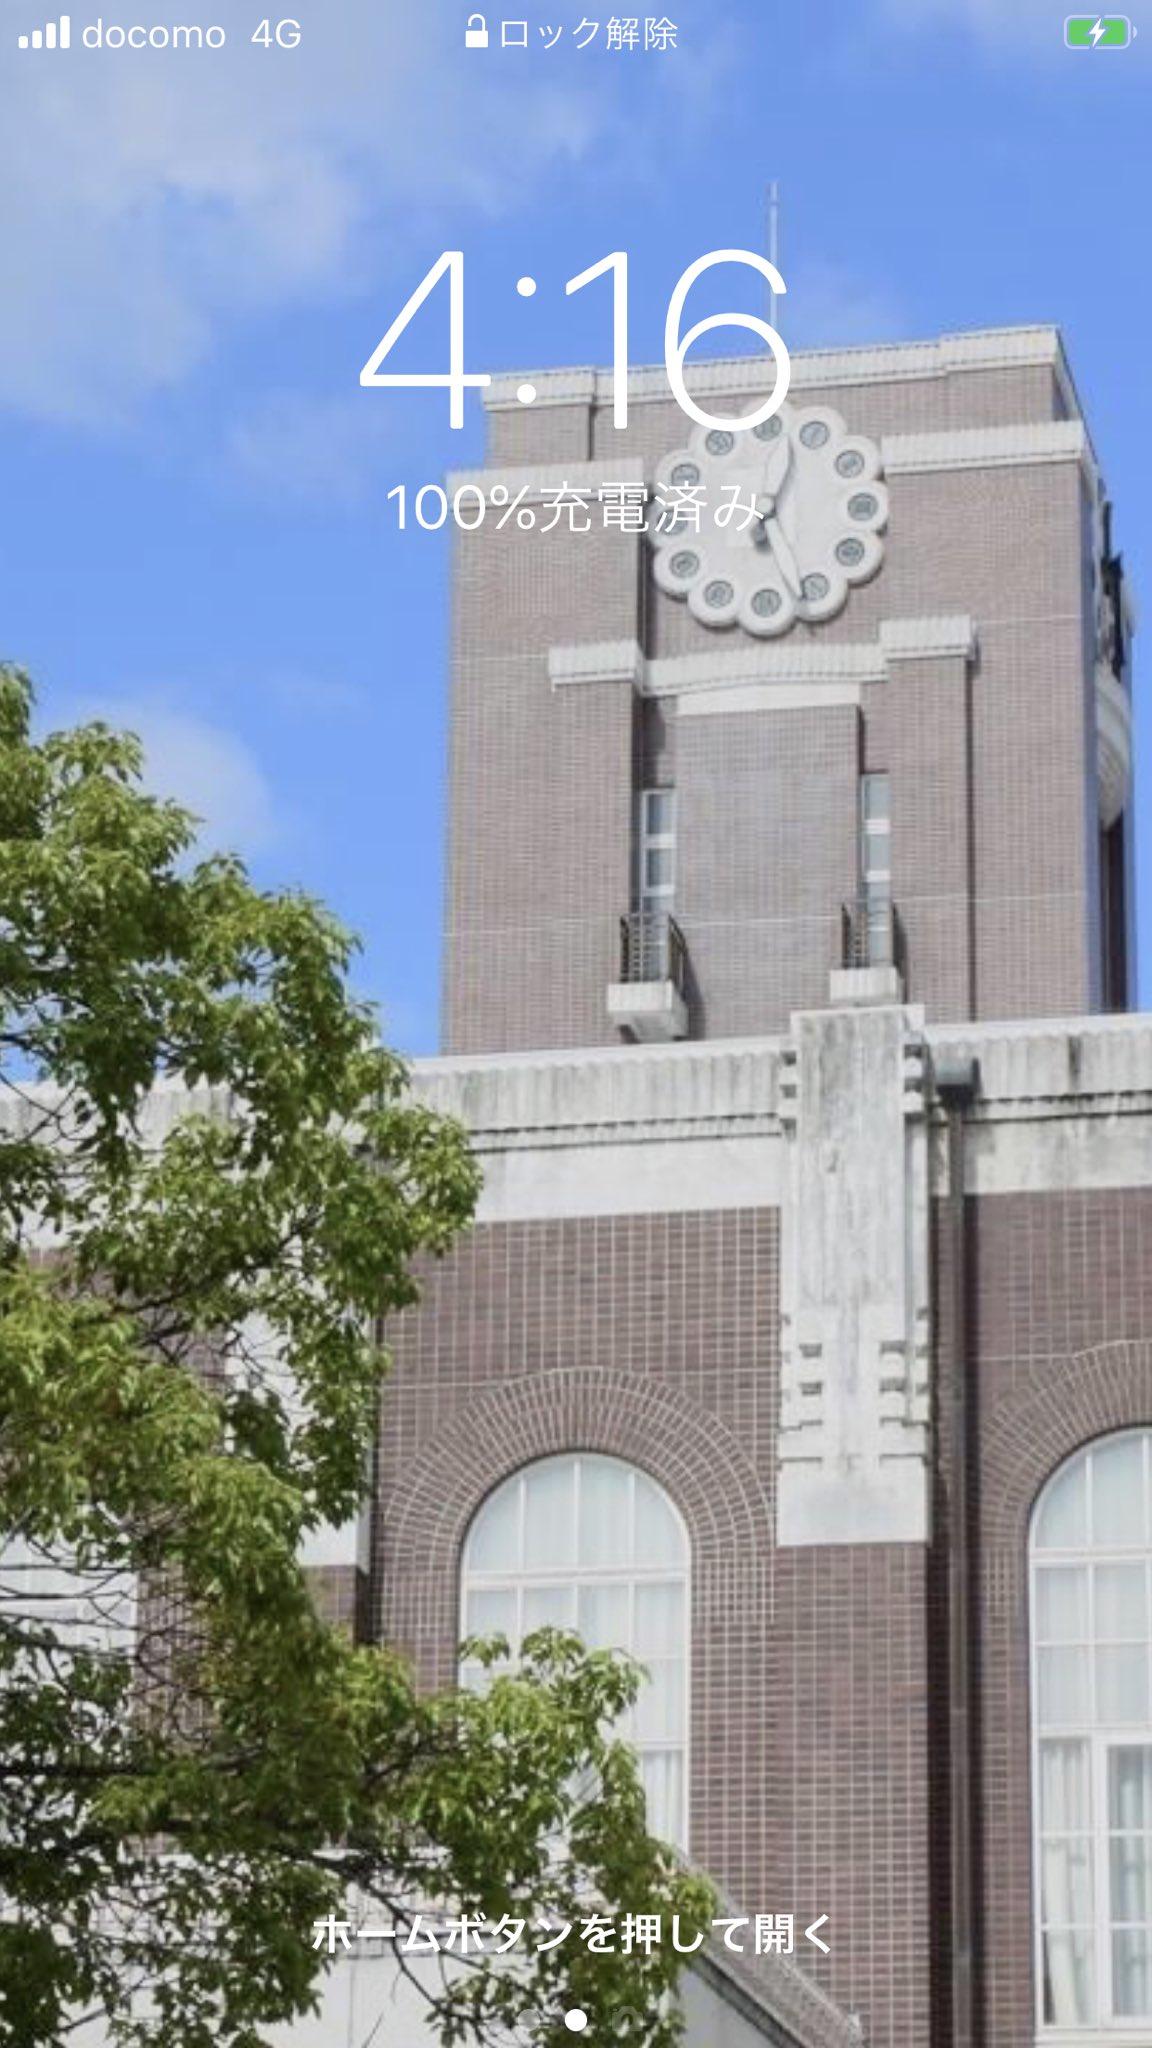 高田ふーみん On Twitter Iphoneの壁紙 京大の時計台にした かっこええわ